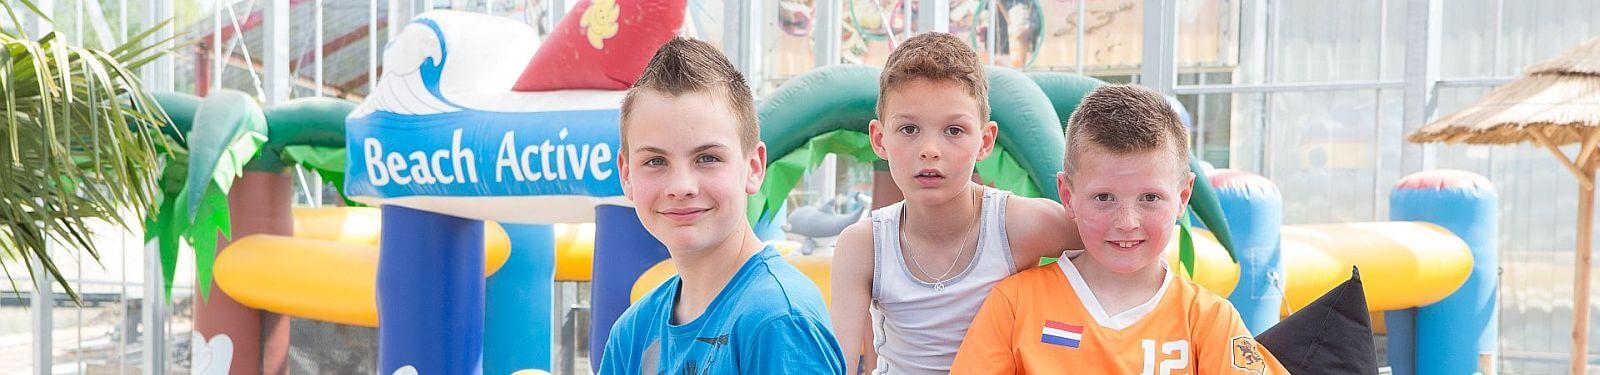 Vakantie met tieners | Vakantiepark het Stoetenslagh: https://www.stoetenslagh.nl/tienercamping-overijssel/vakantie-met...